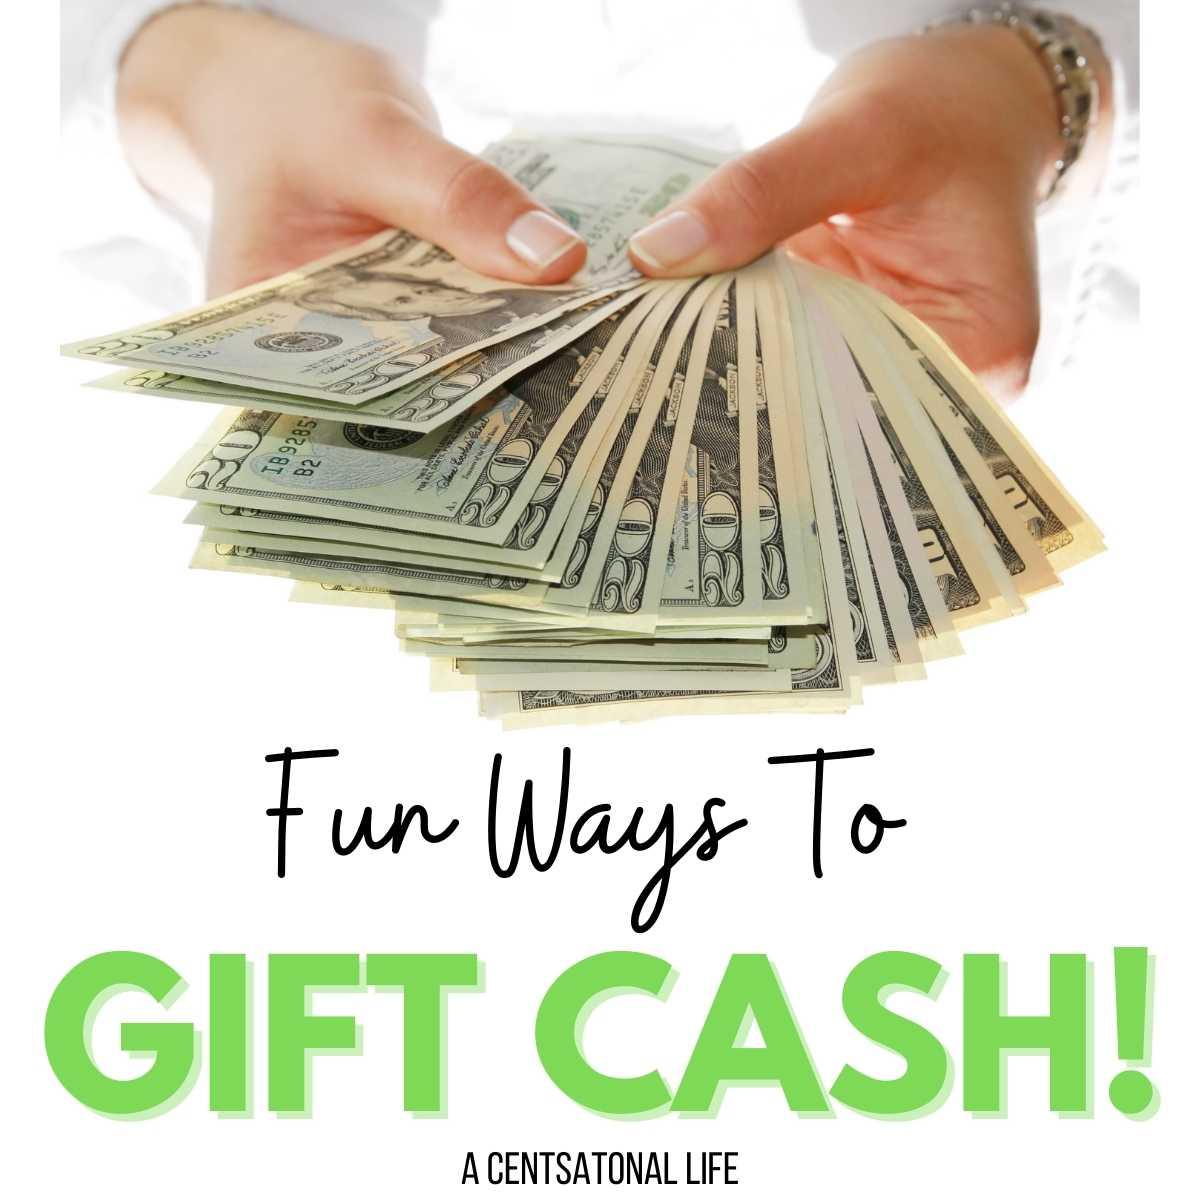 Fun ways to gift cash